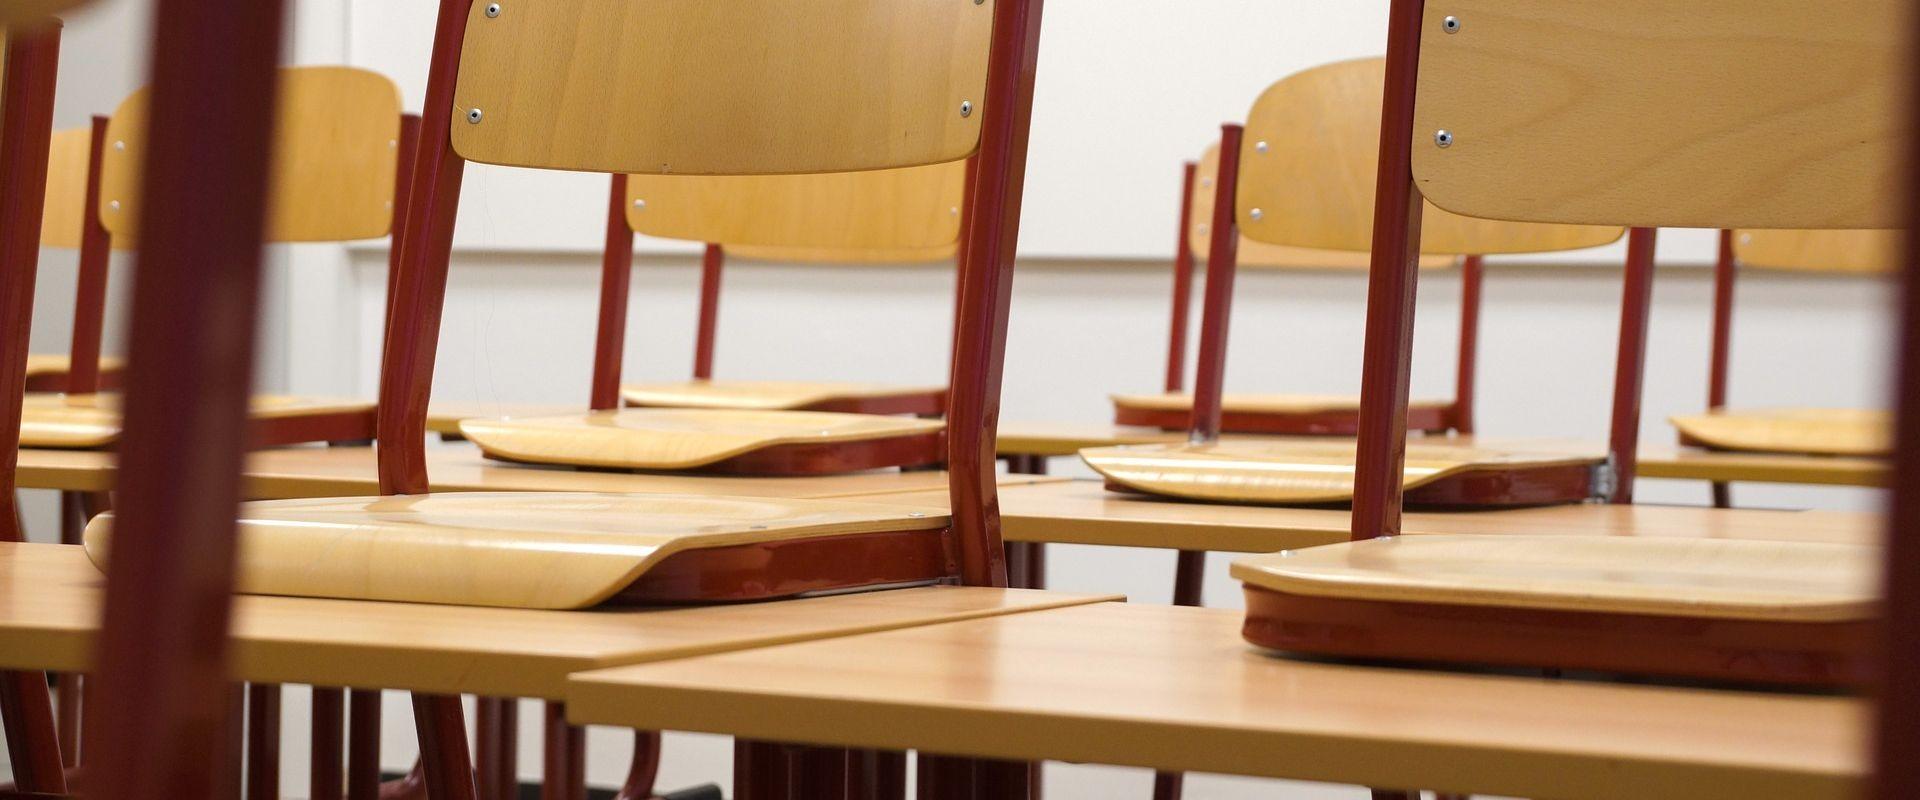 Zmiana w sieci szkół